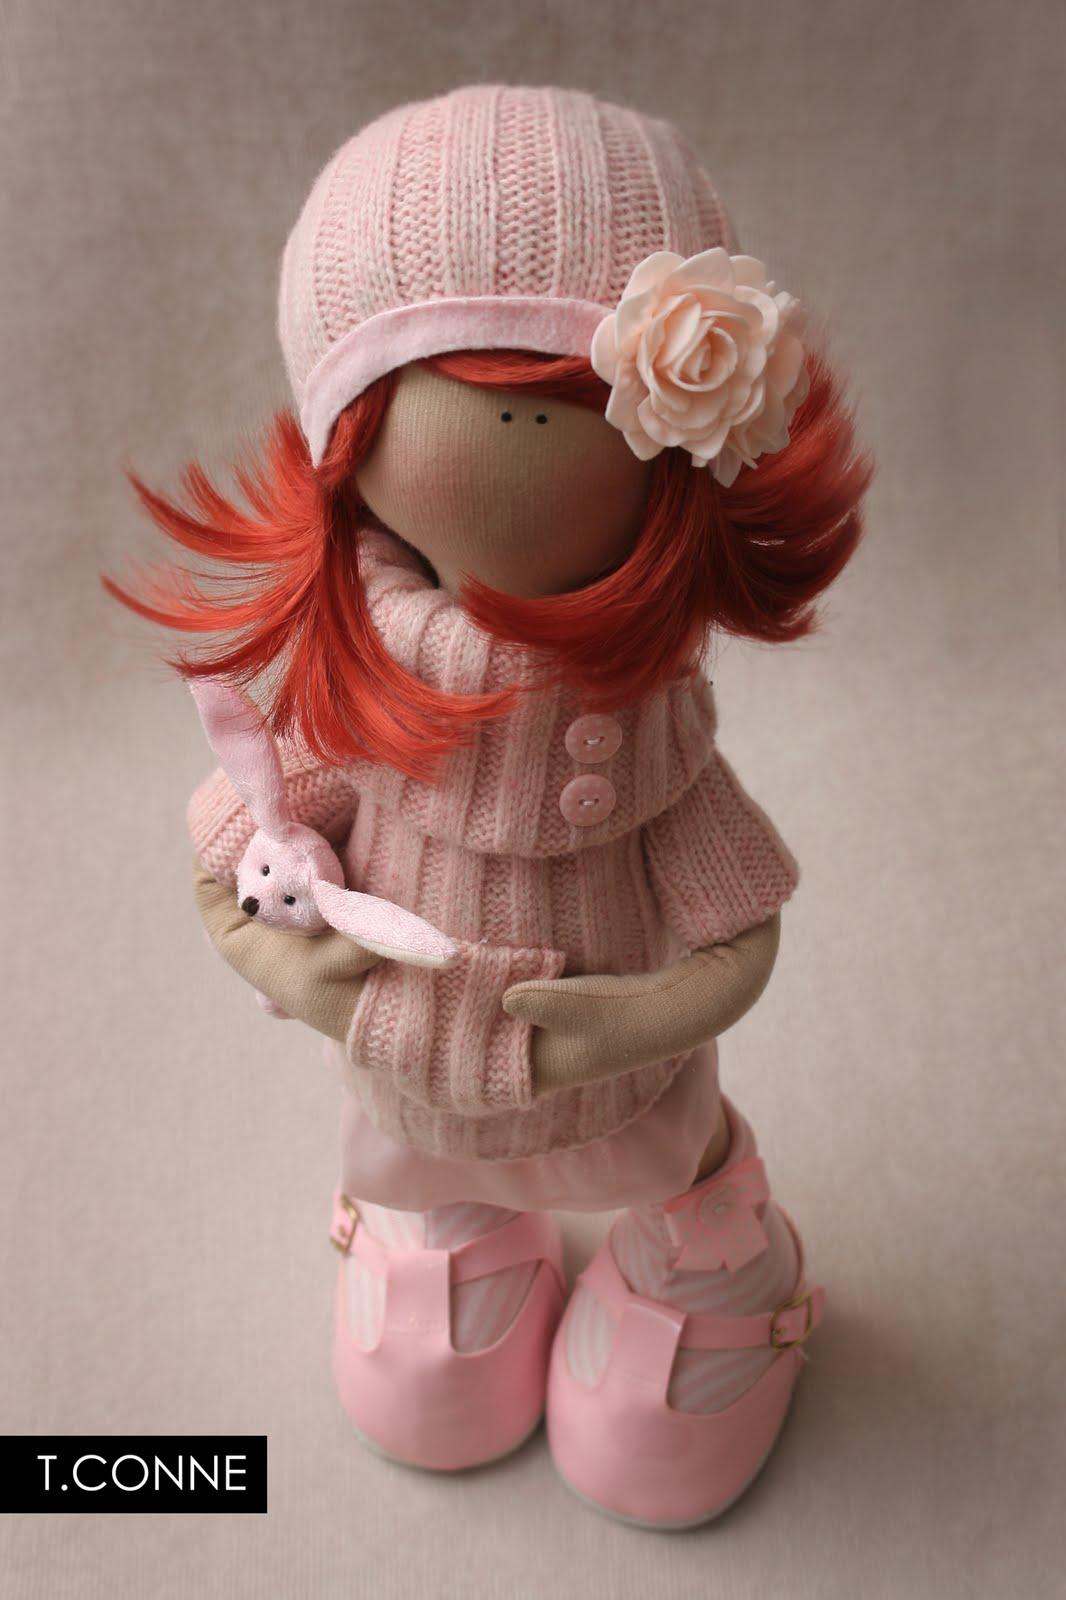 выкройки Татьяны Коннэ .  Кукла-лежалка.  В ... Одежда для кукол.